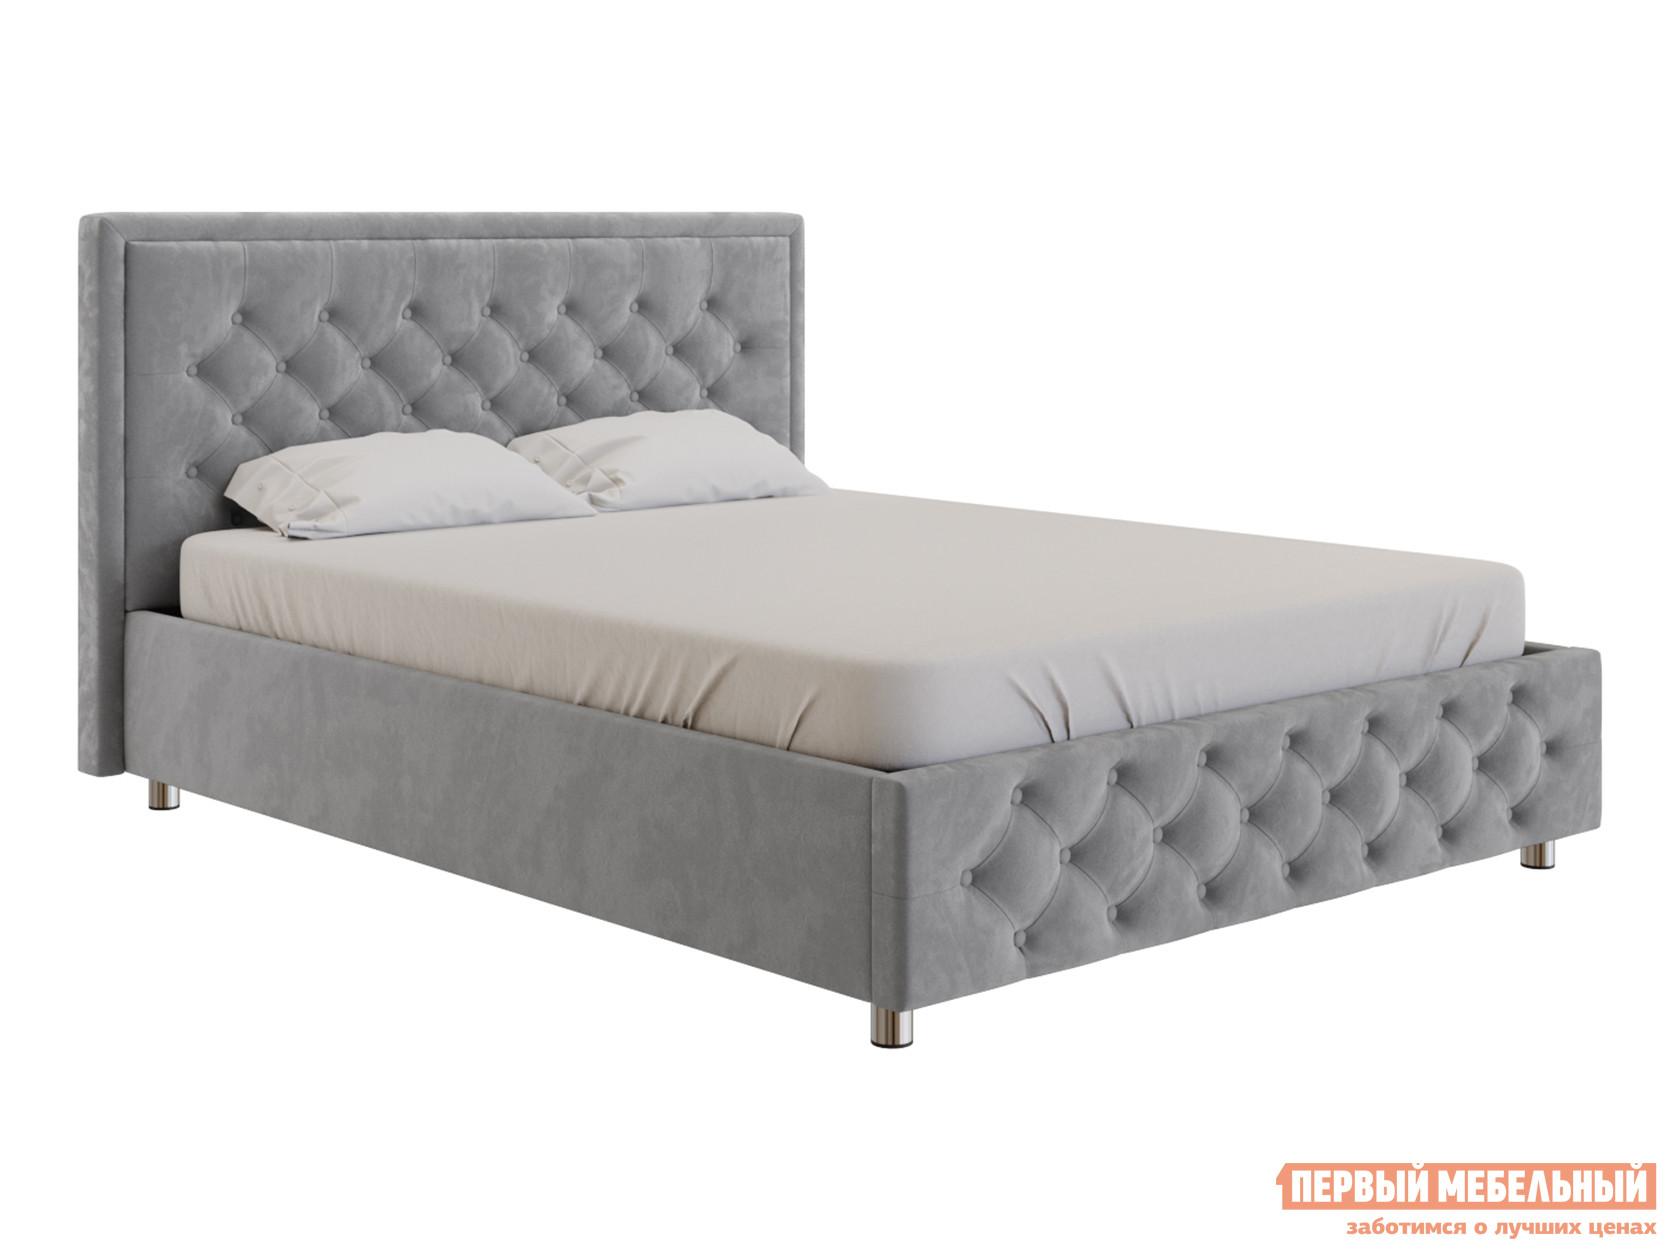 Двуспальная кровать  Кровать с подъемным механизмом Флоренция Серый, велюр, 1600 Х 2000 мм